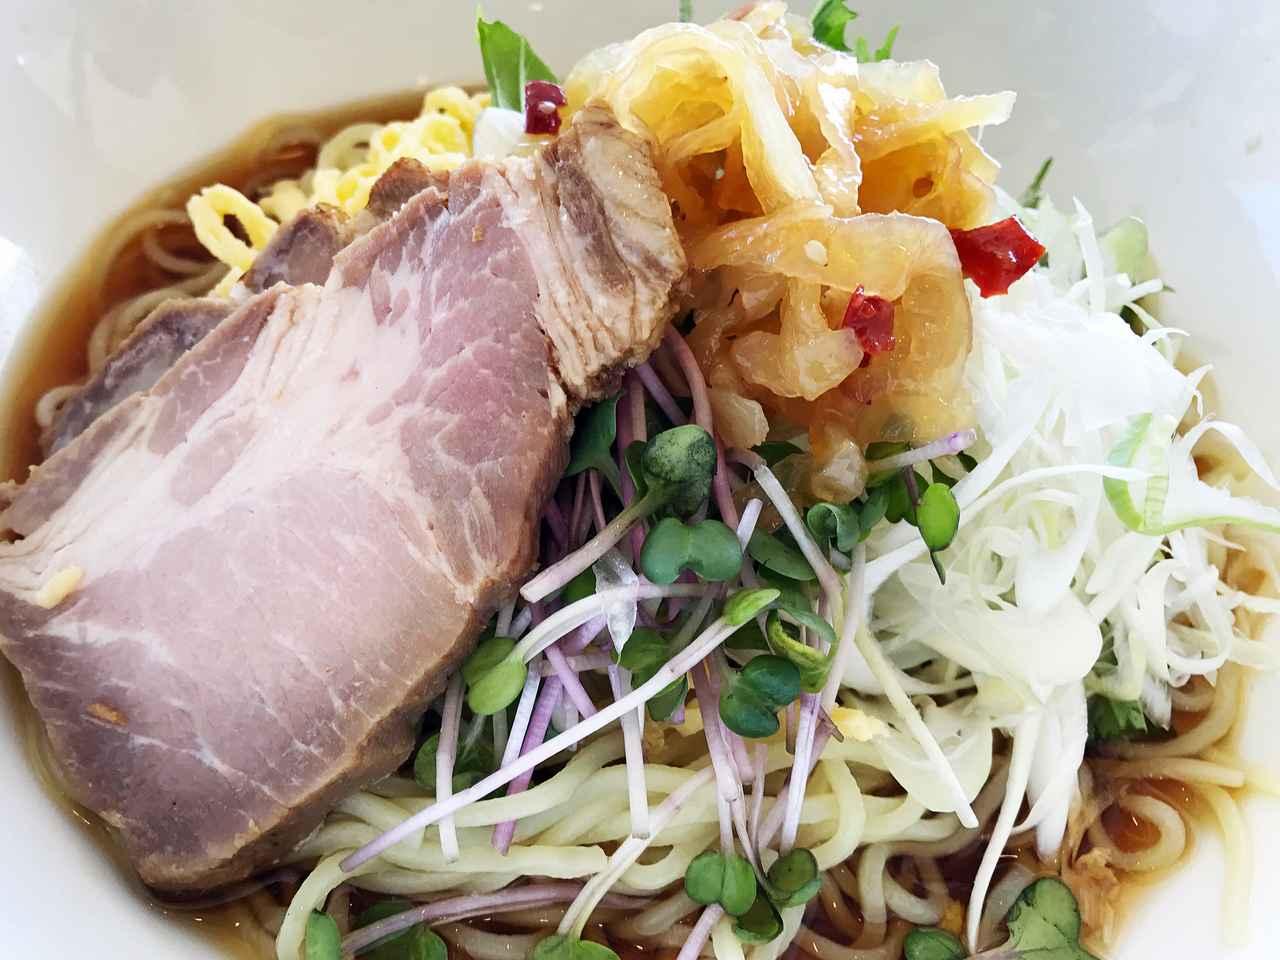 画像1: この王道の味わいは「グラン冷やし中華」と言いたくなる